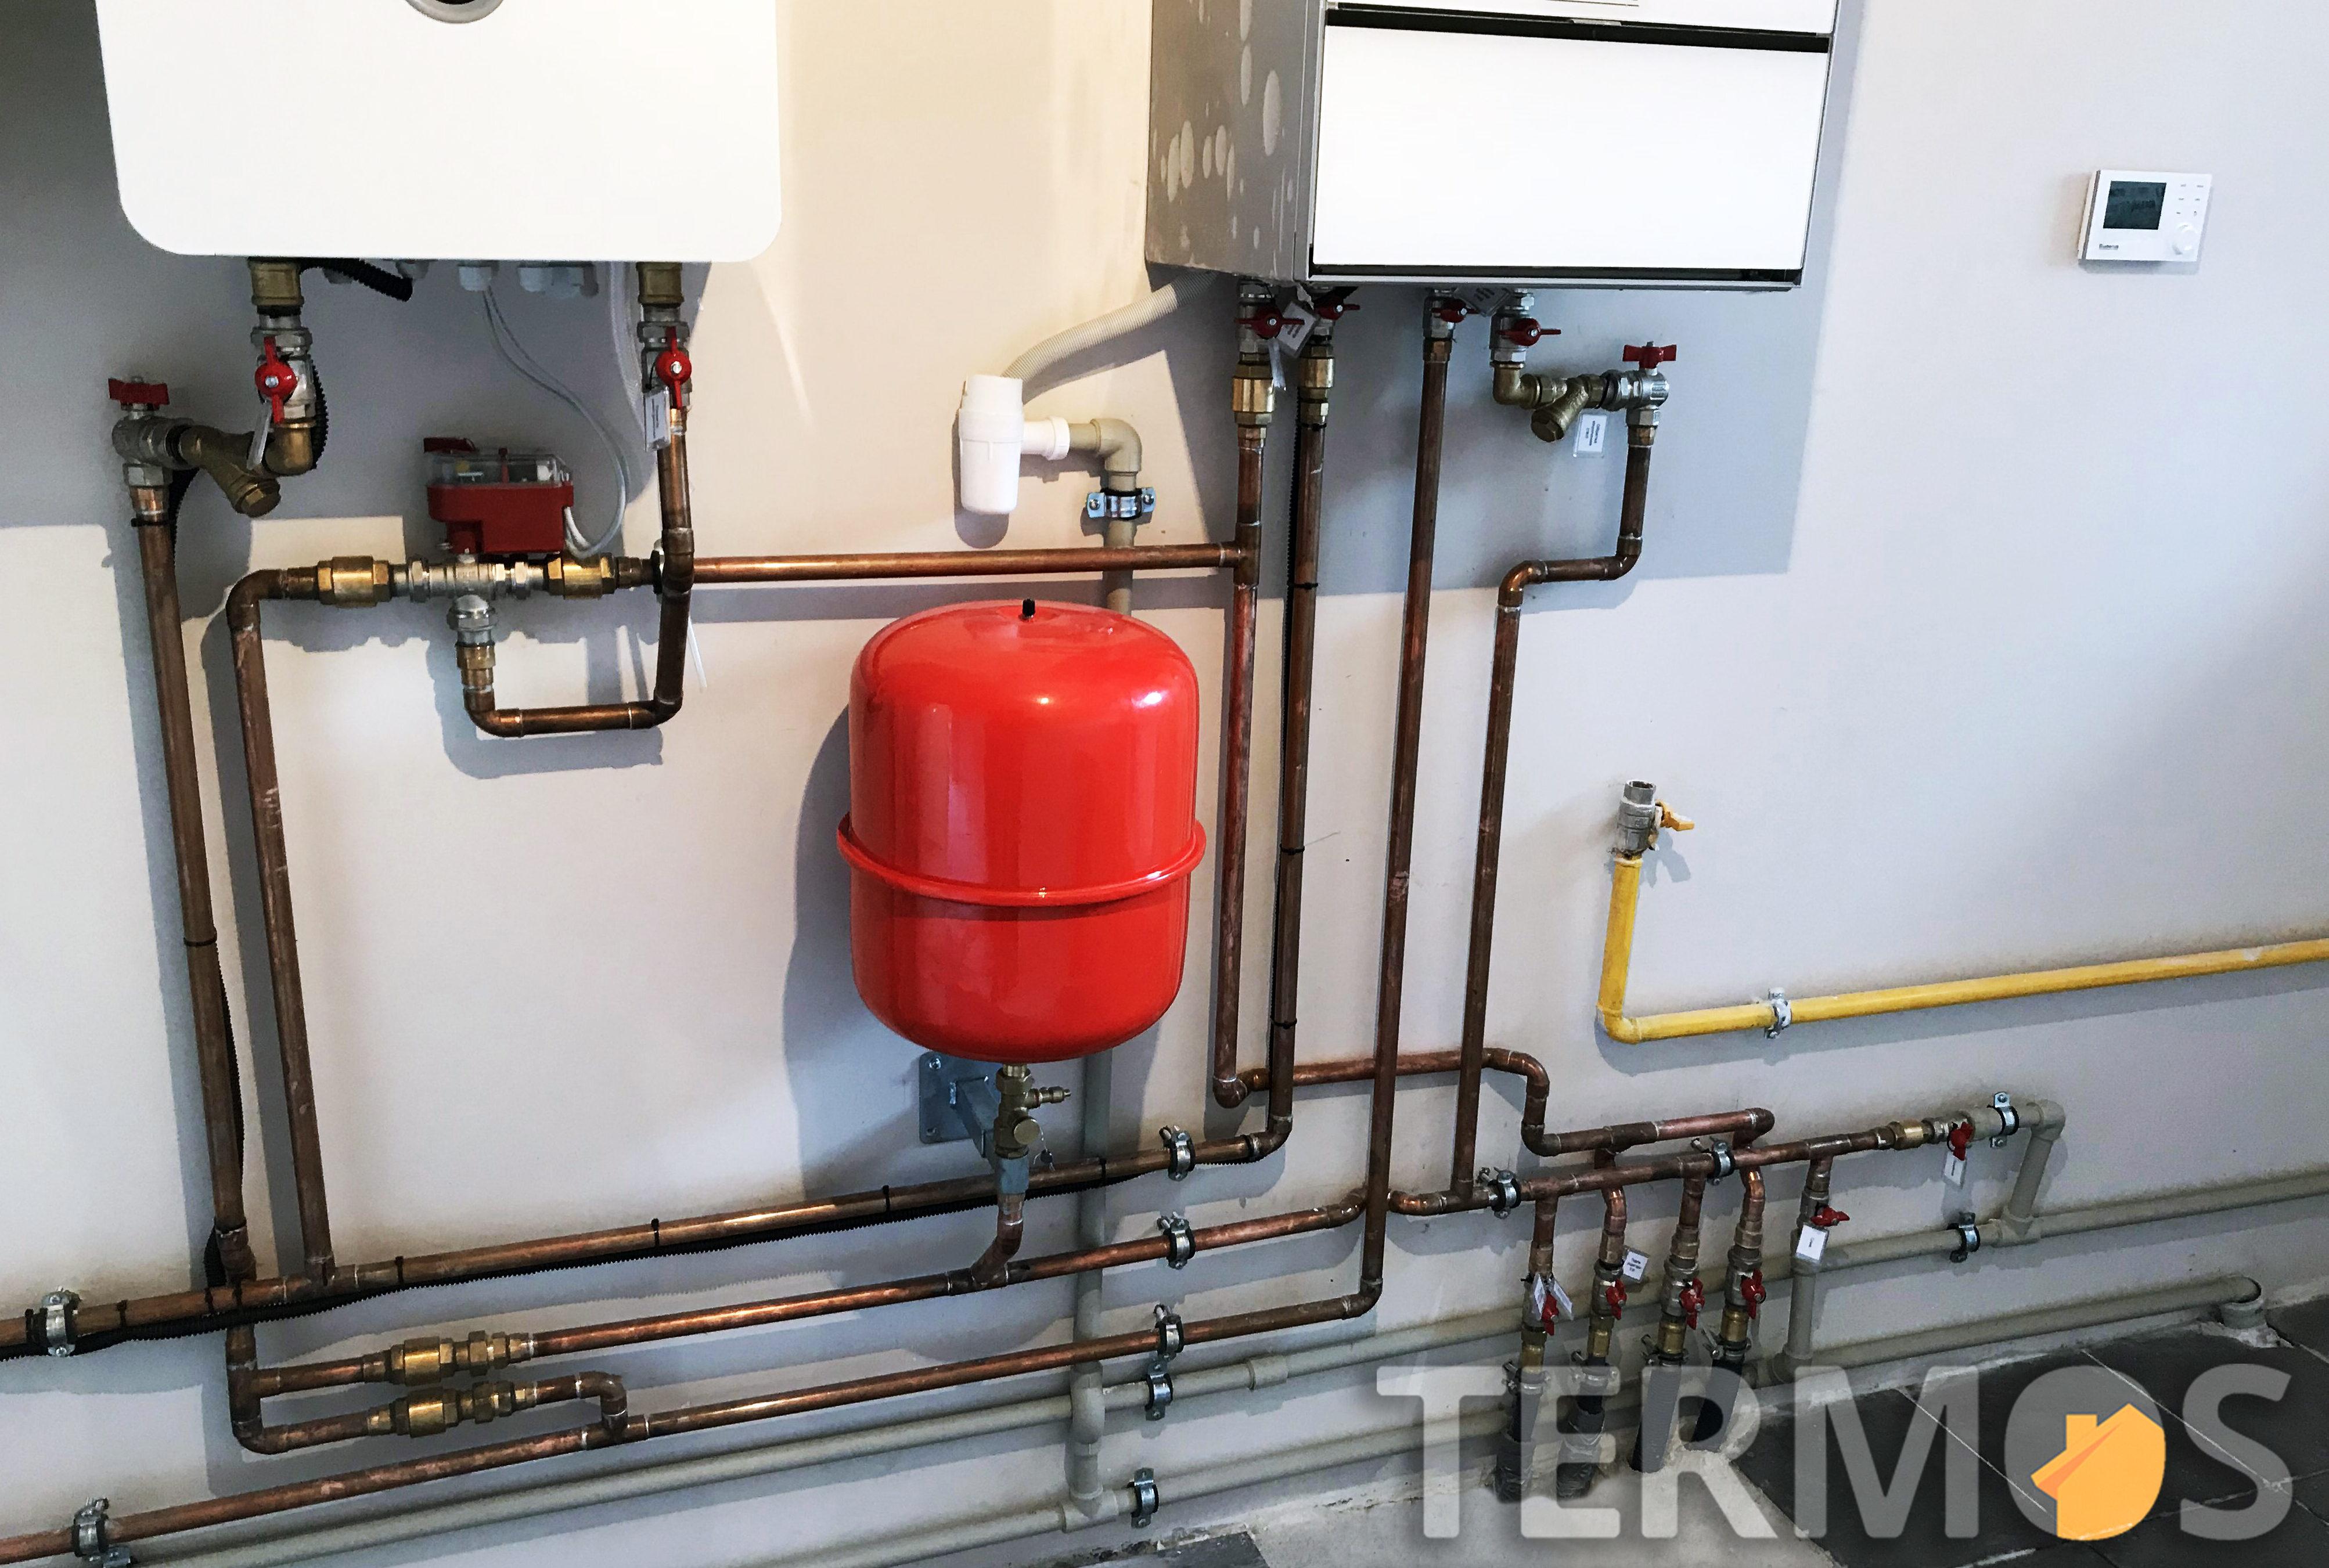 Во время дешевого тарифа, система отопления и горячего водоснабжения работает от электрокотла